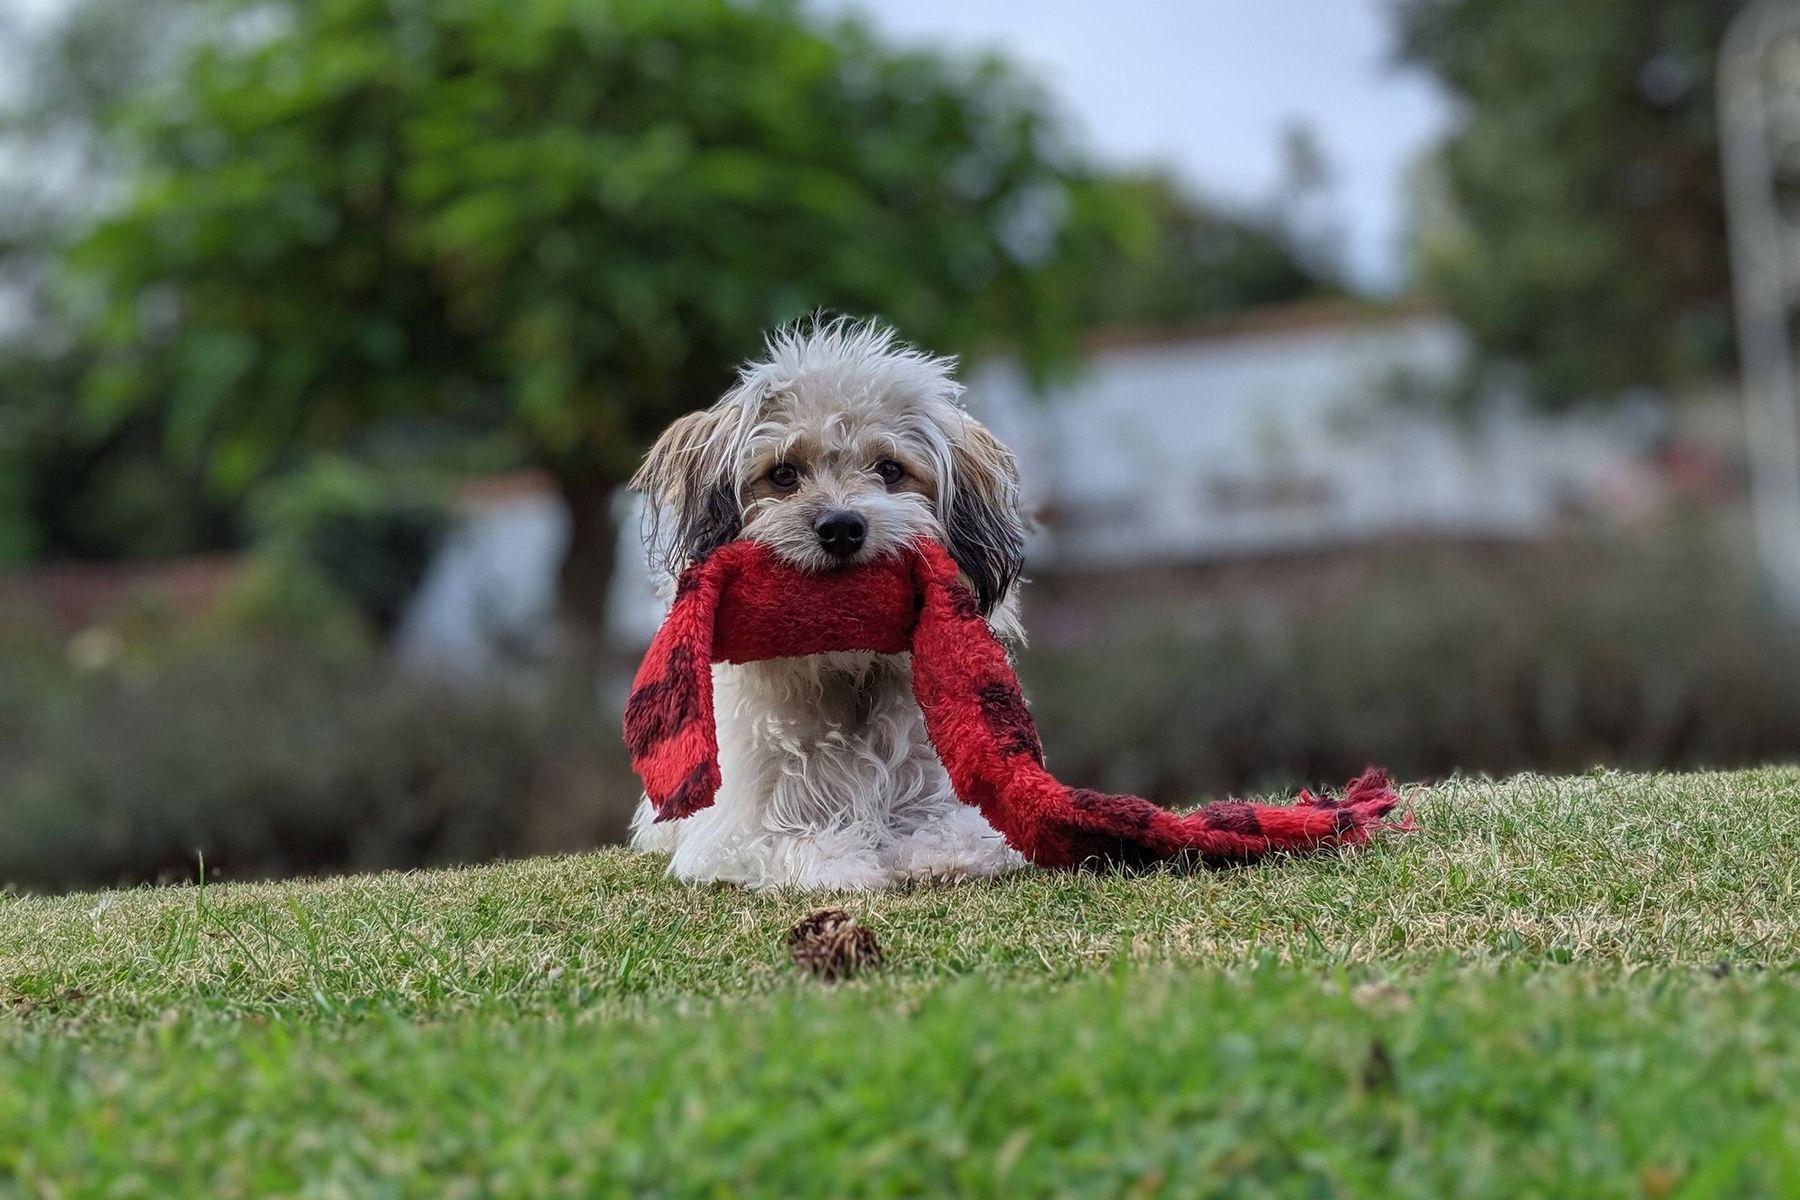 Hund auf dem Gartengras mit rotem Schal in seinem Mund